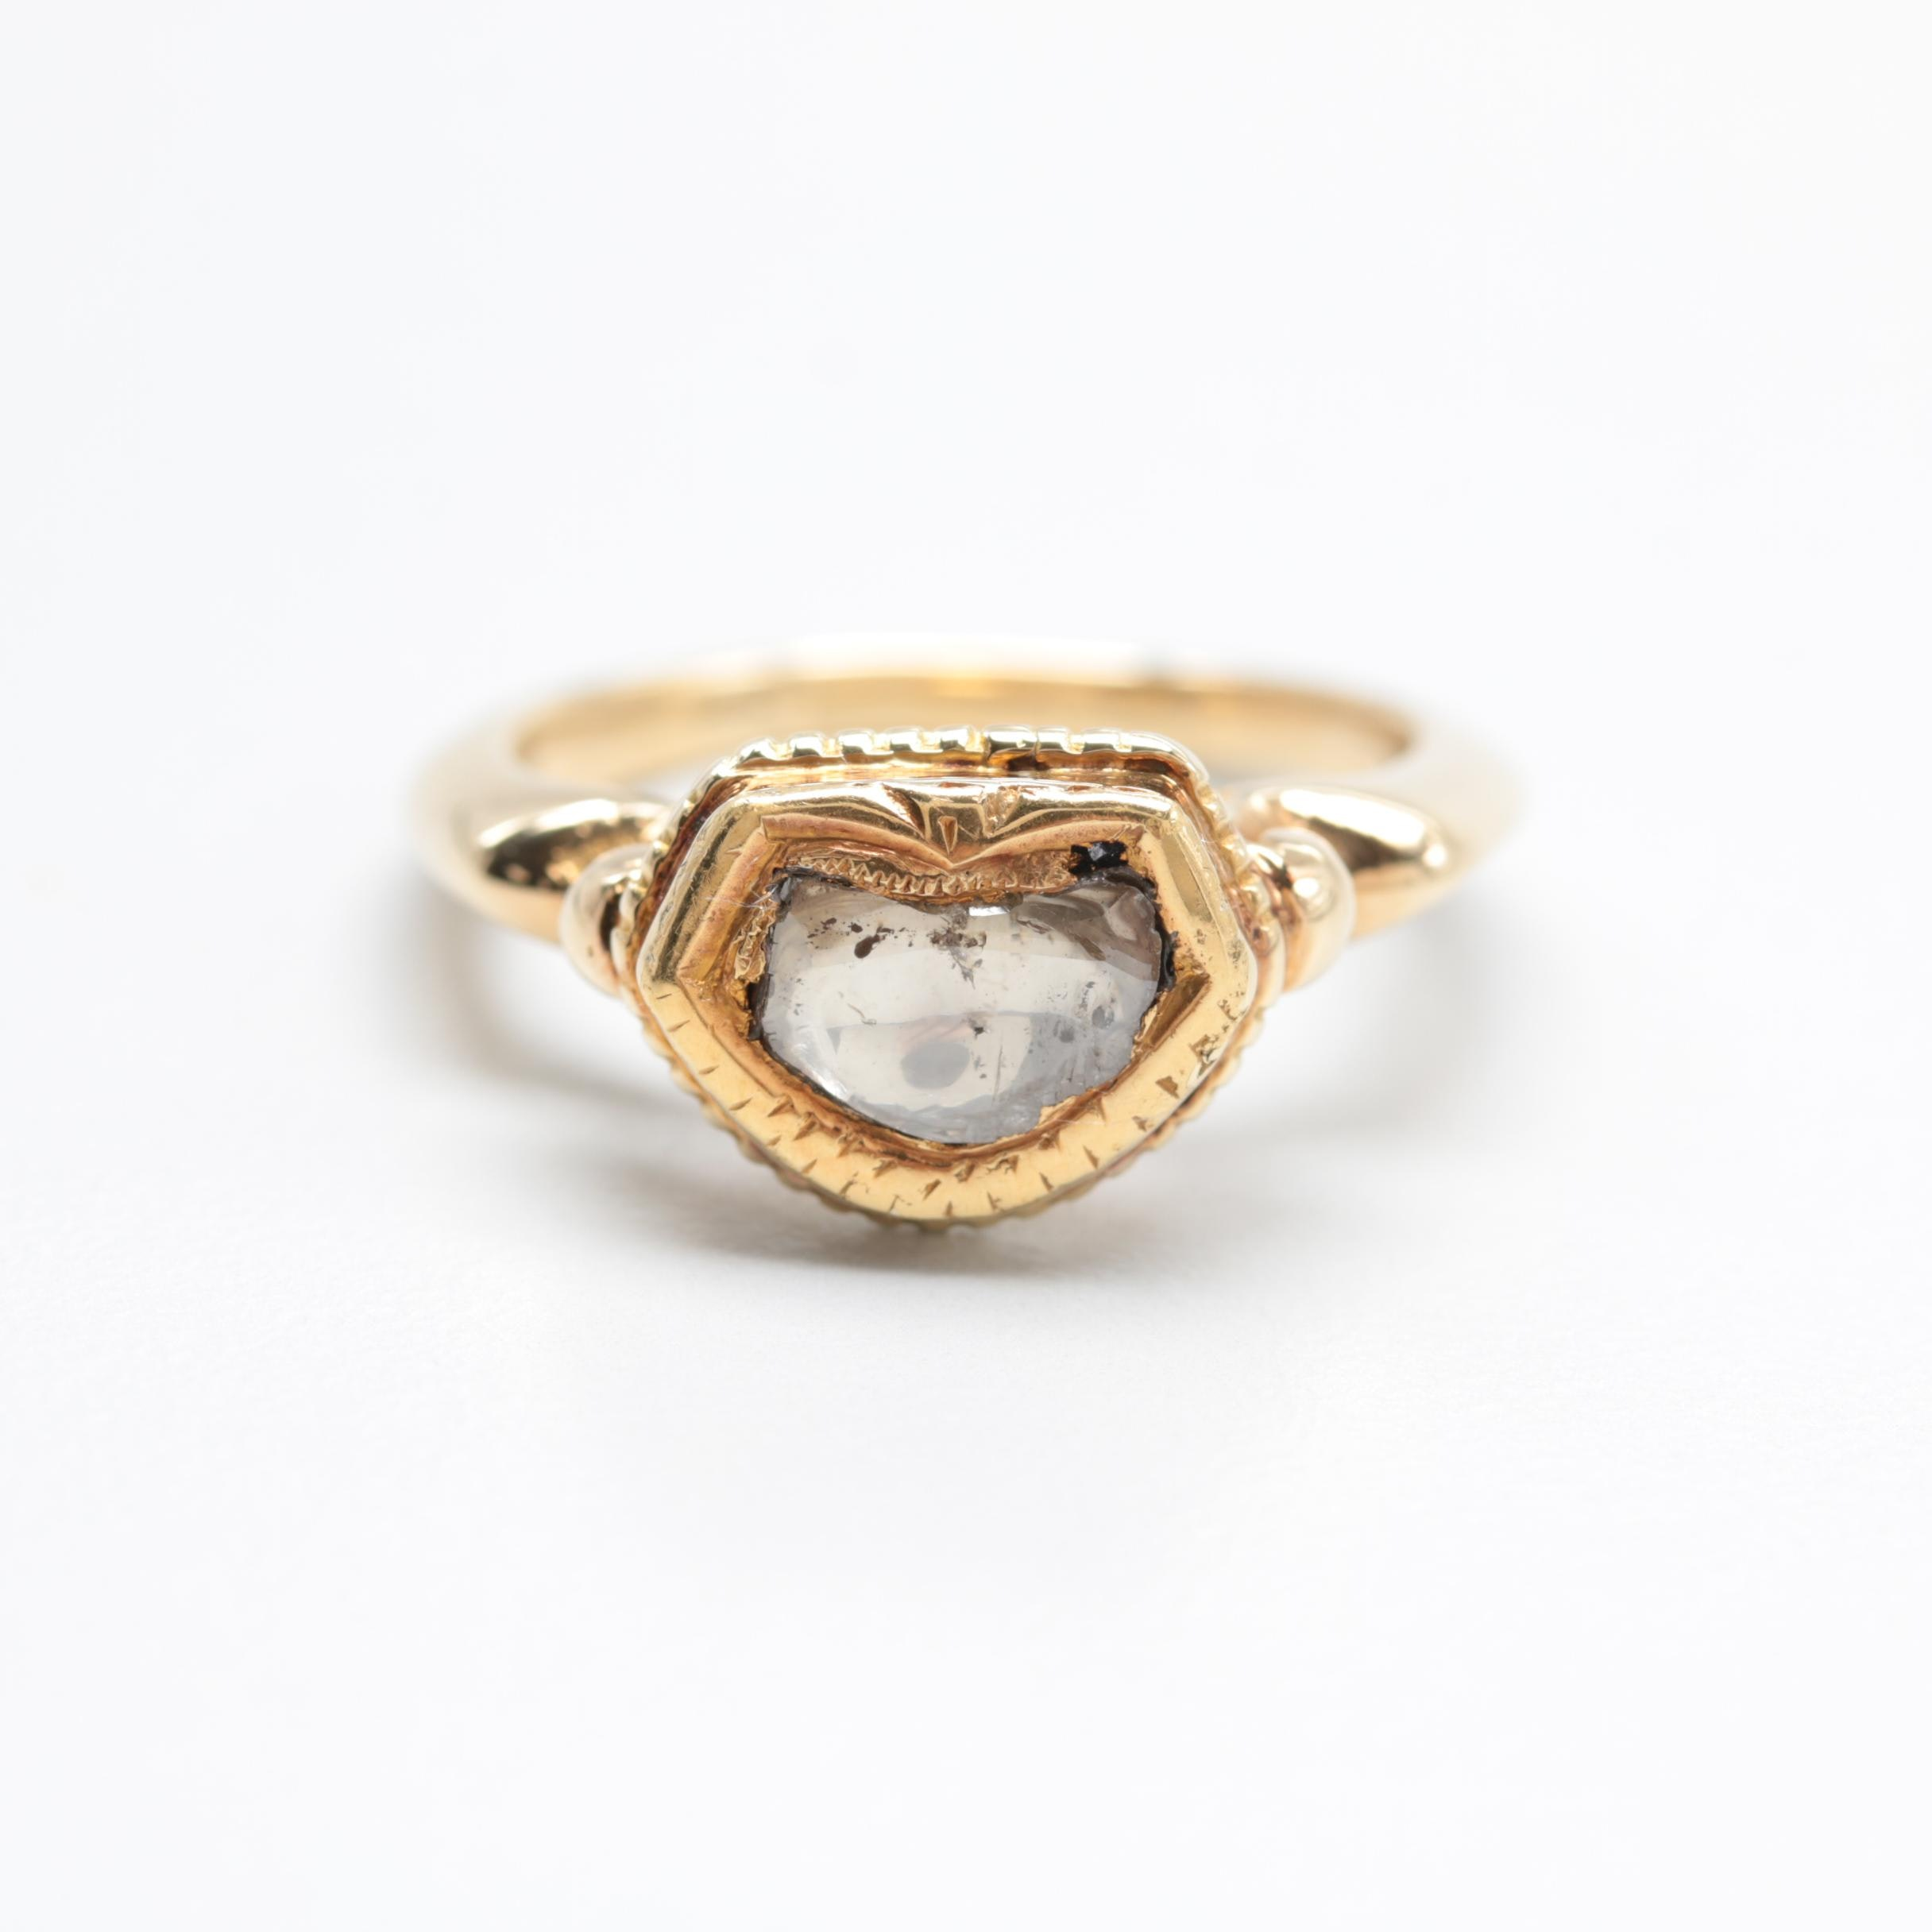 14K Yellow Gold Polki Diamond Solitaire Ring